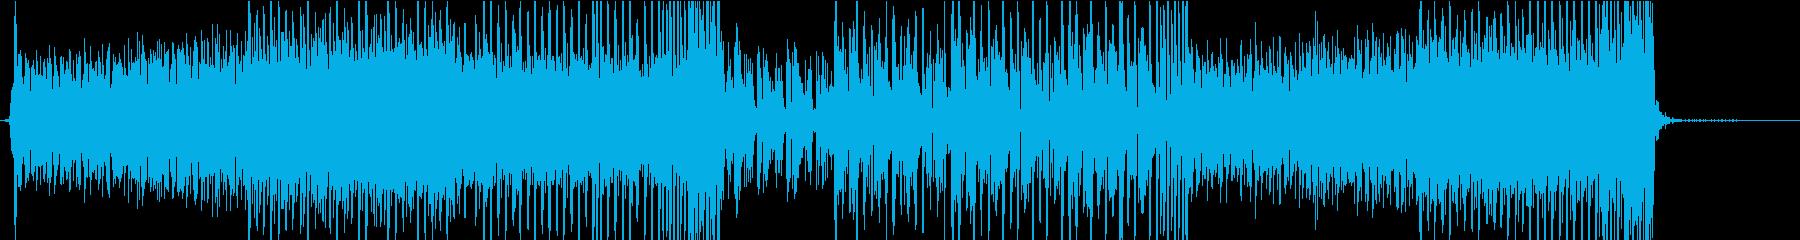 未来感のあるEDM系BGMの再生済みの波形